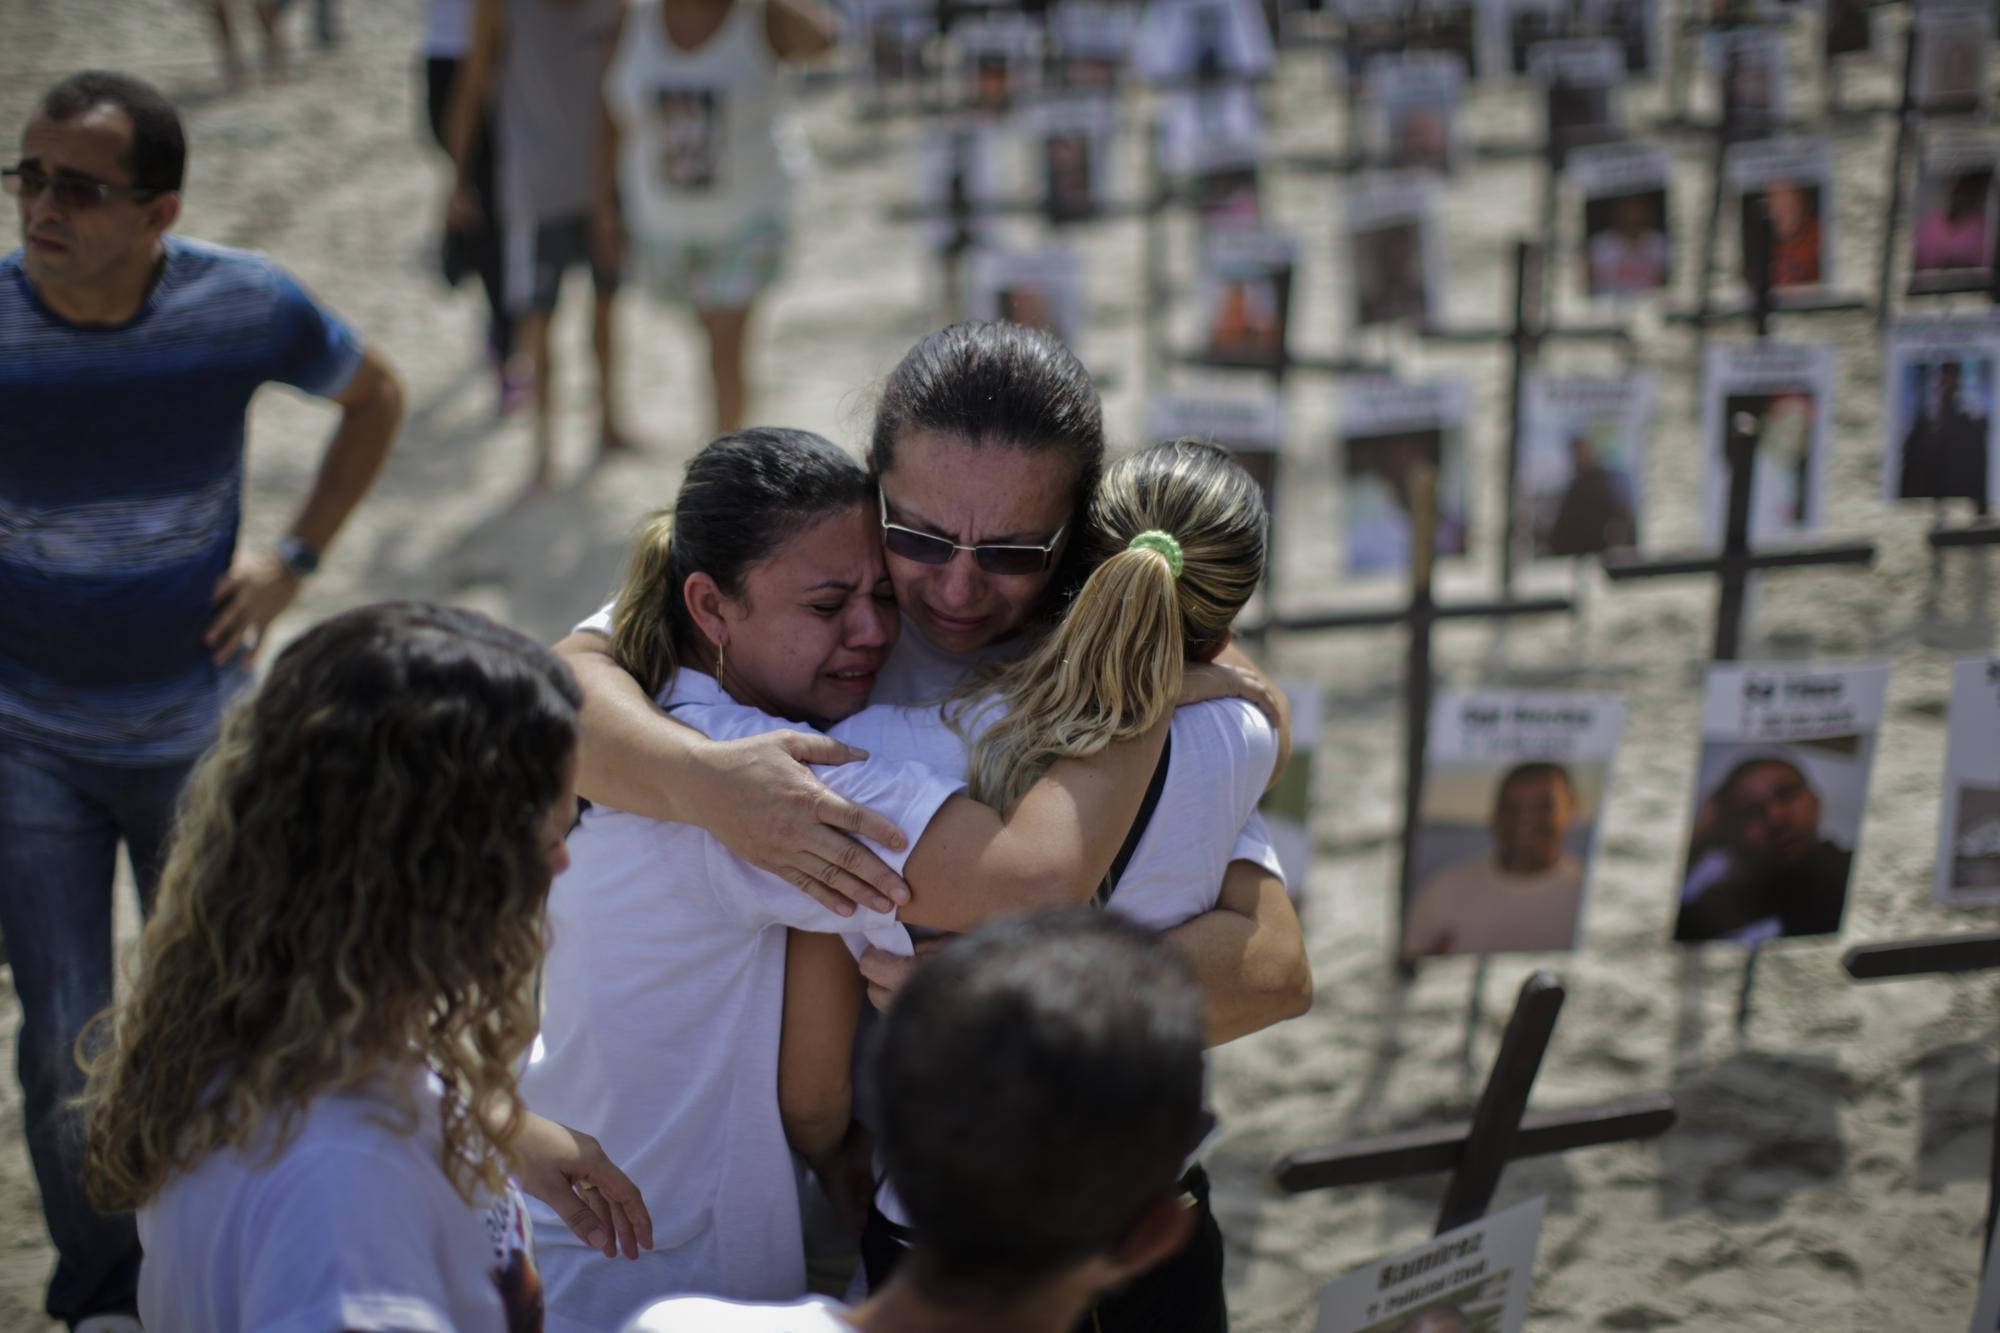 Protesto contra a violência em Copacabana